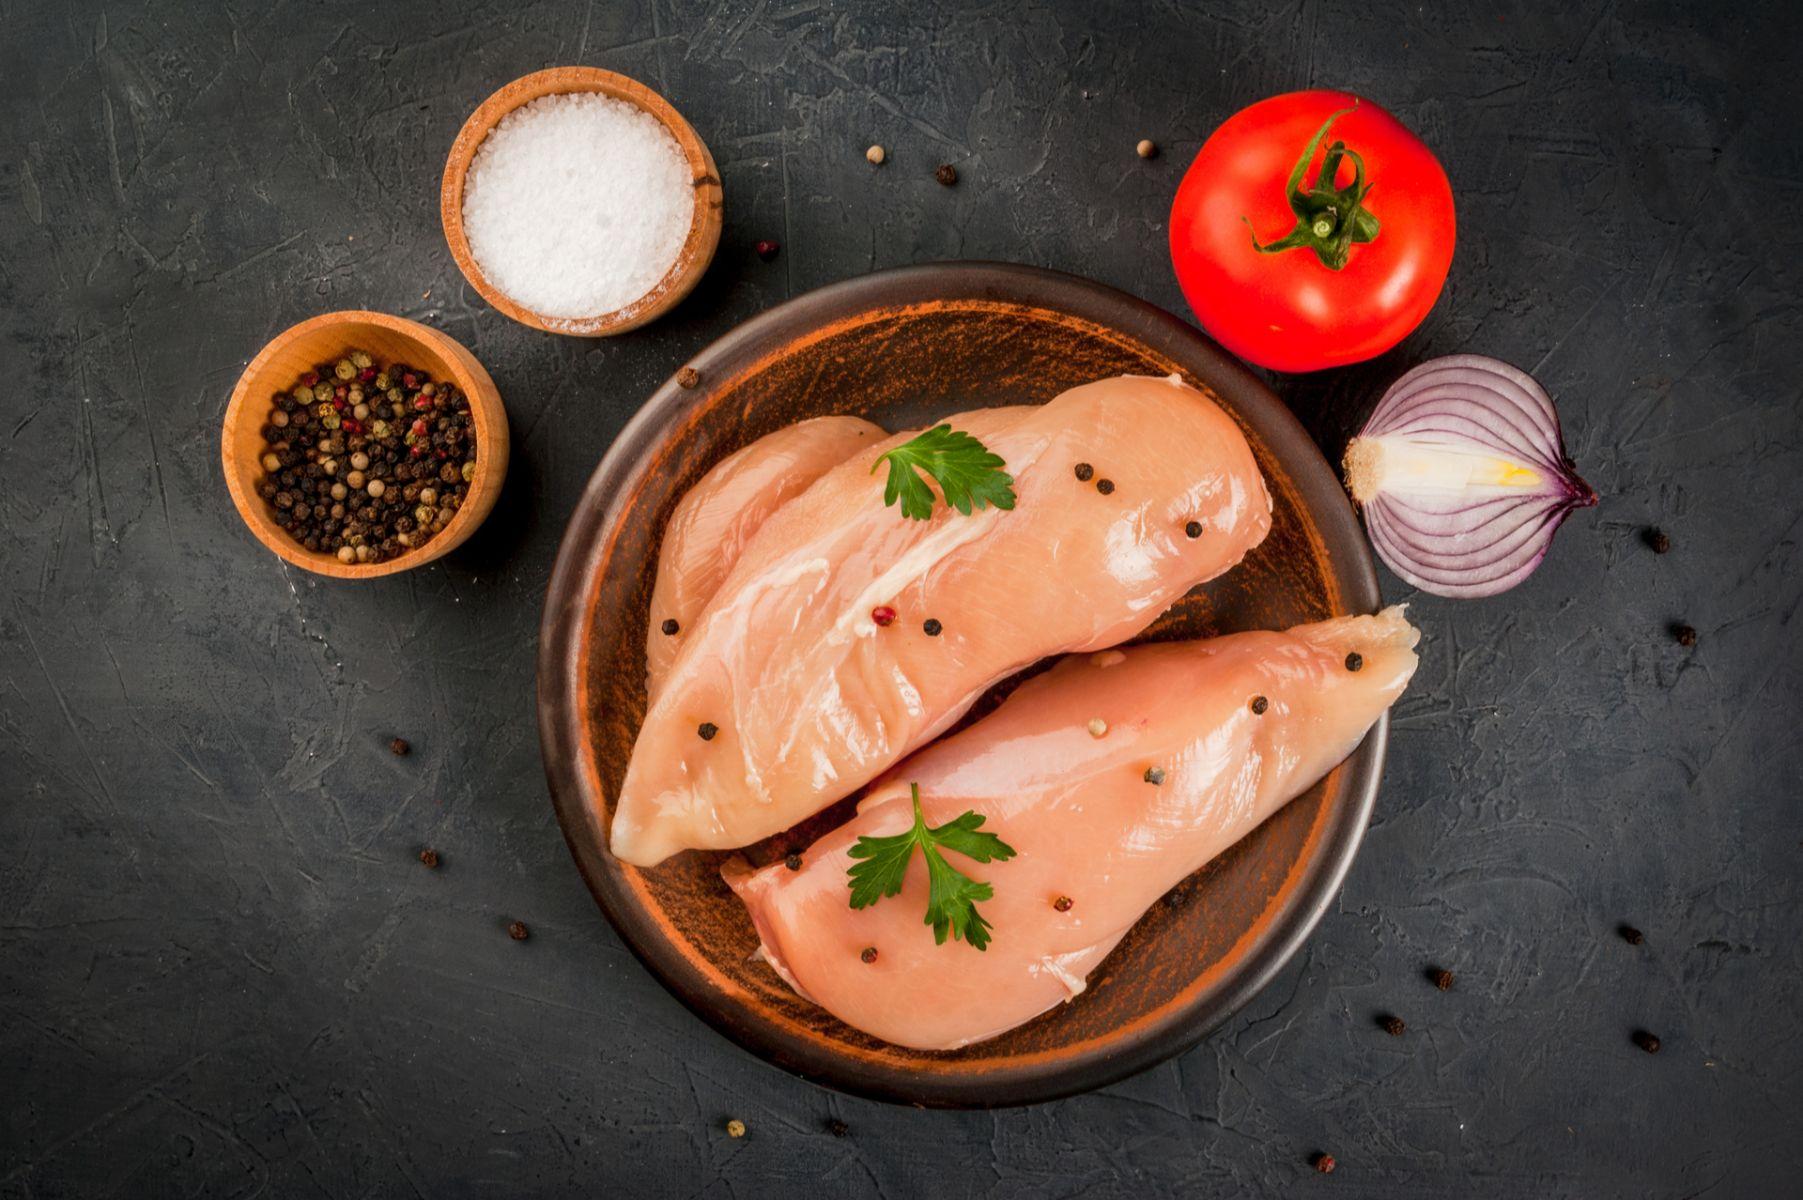 想嘗試雞肉刺身?先了解背後的巨大風險!